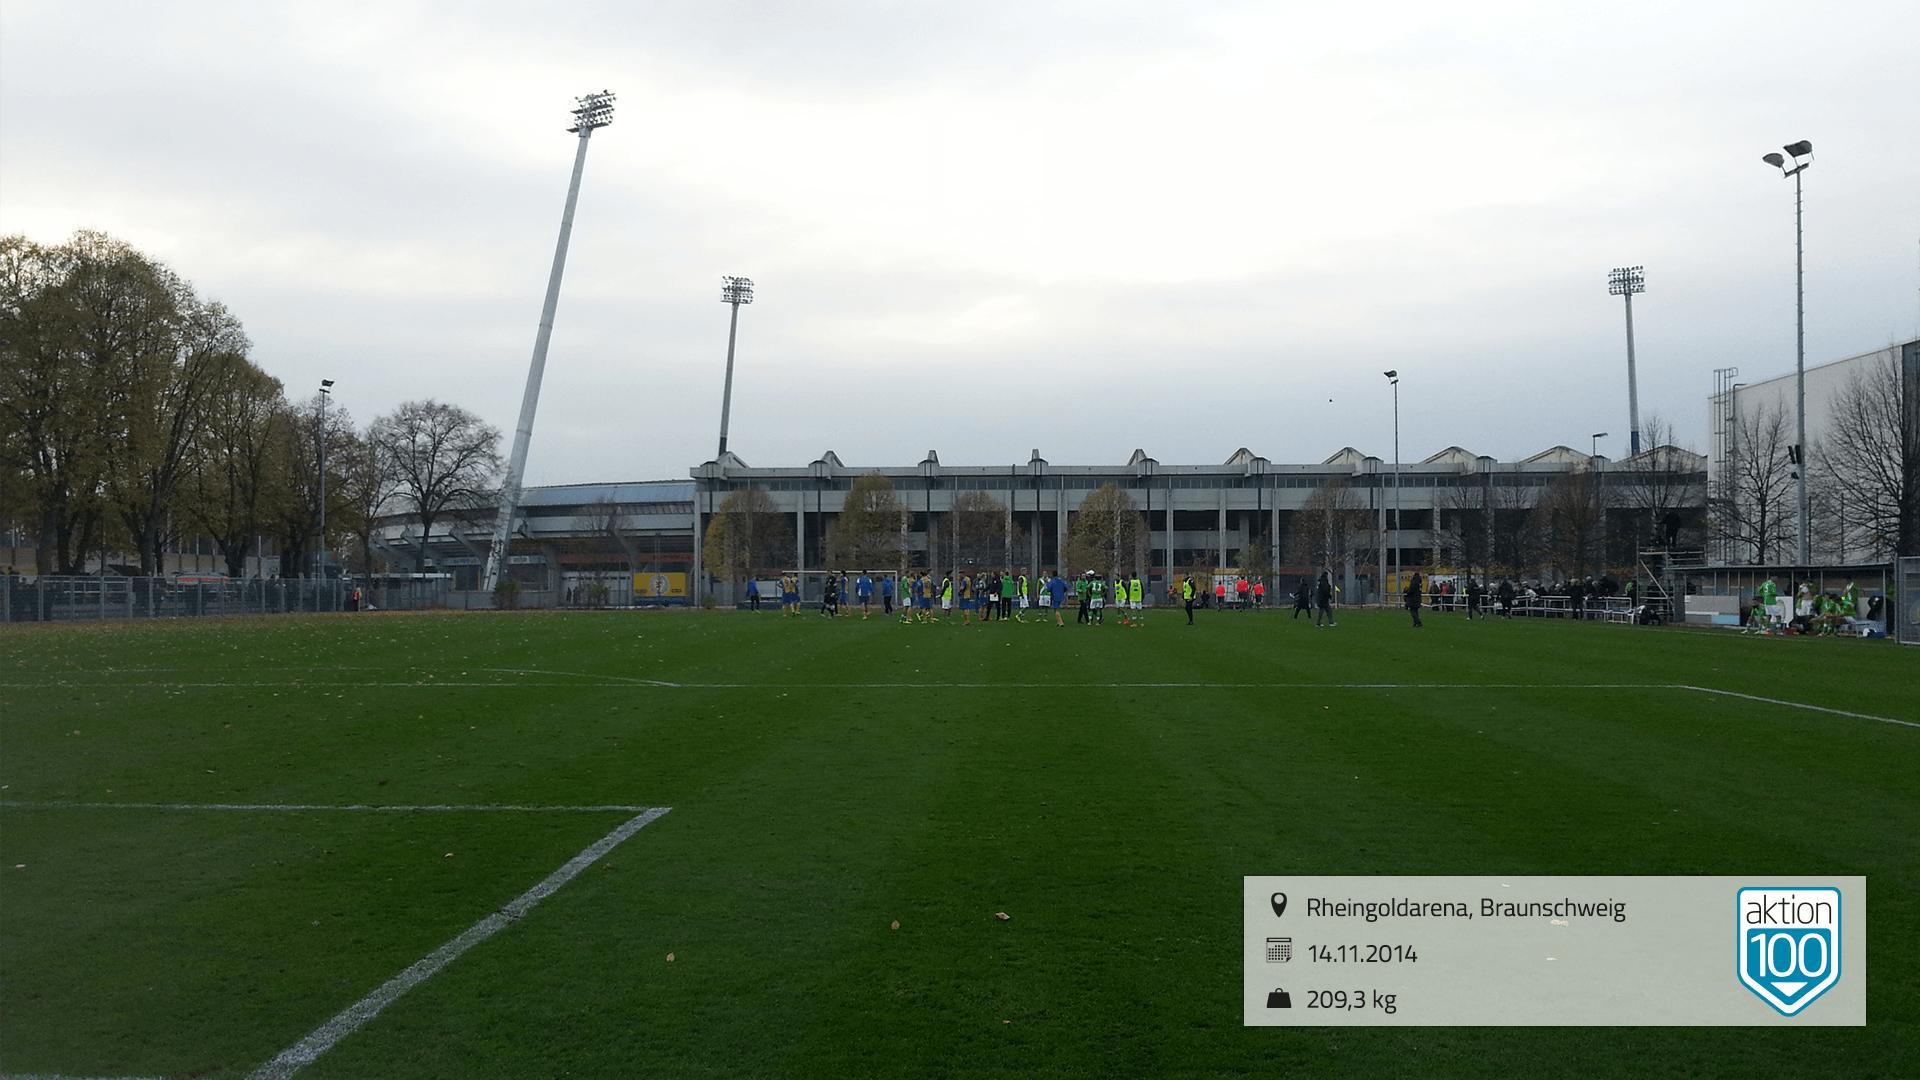 Flutlicht Rheingoldarena Braunschweig November 2014